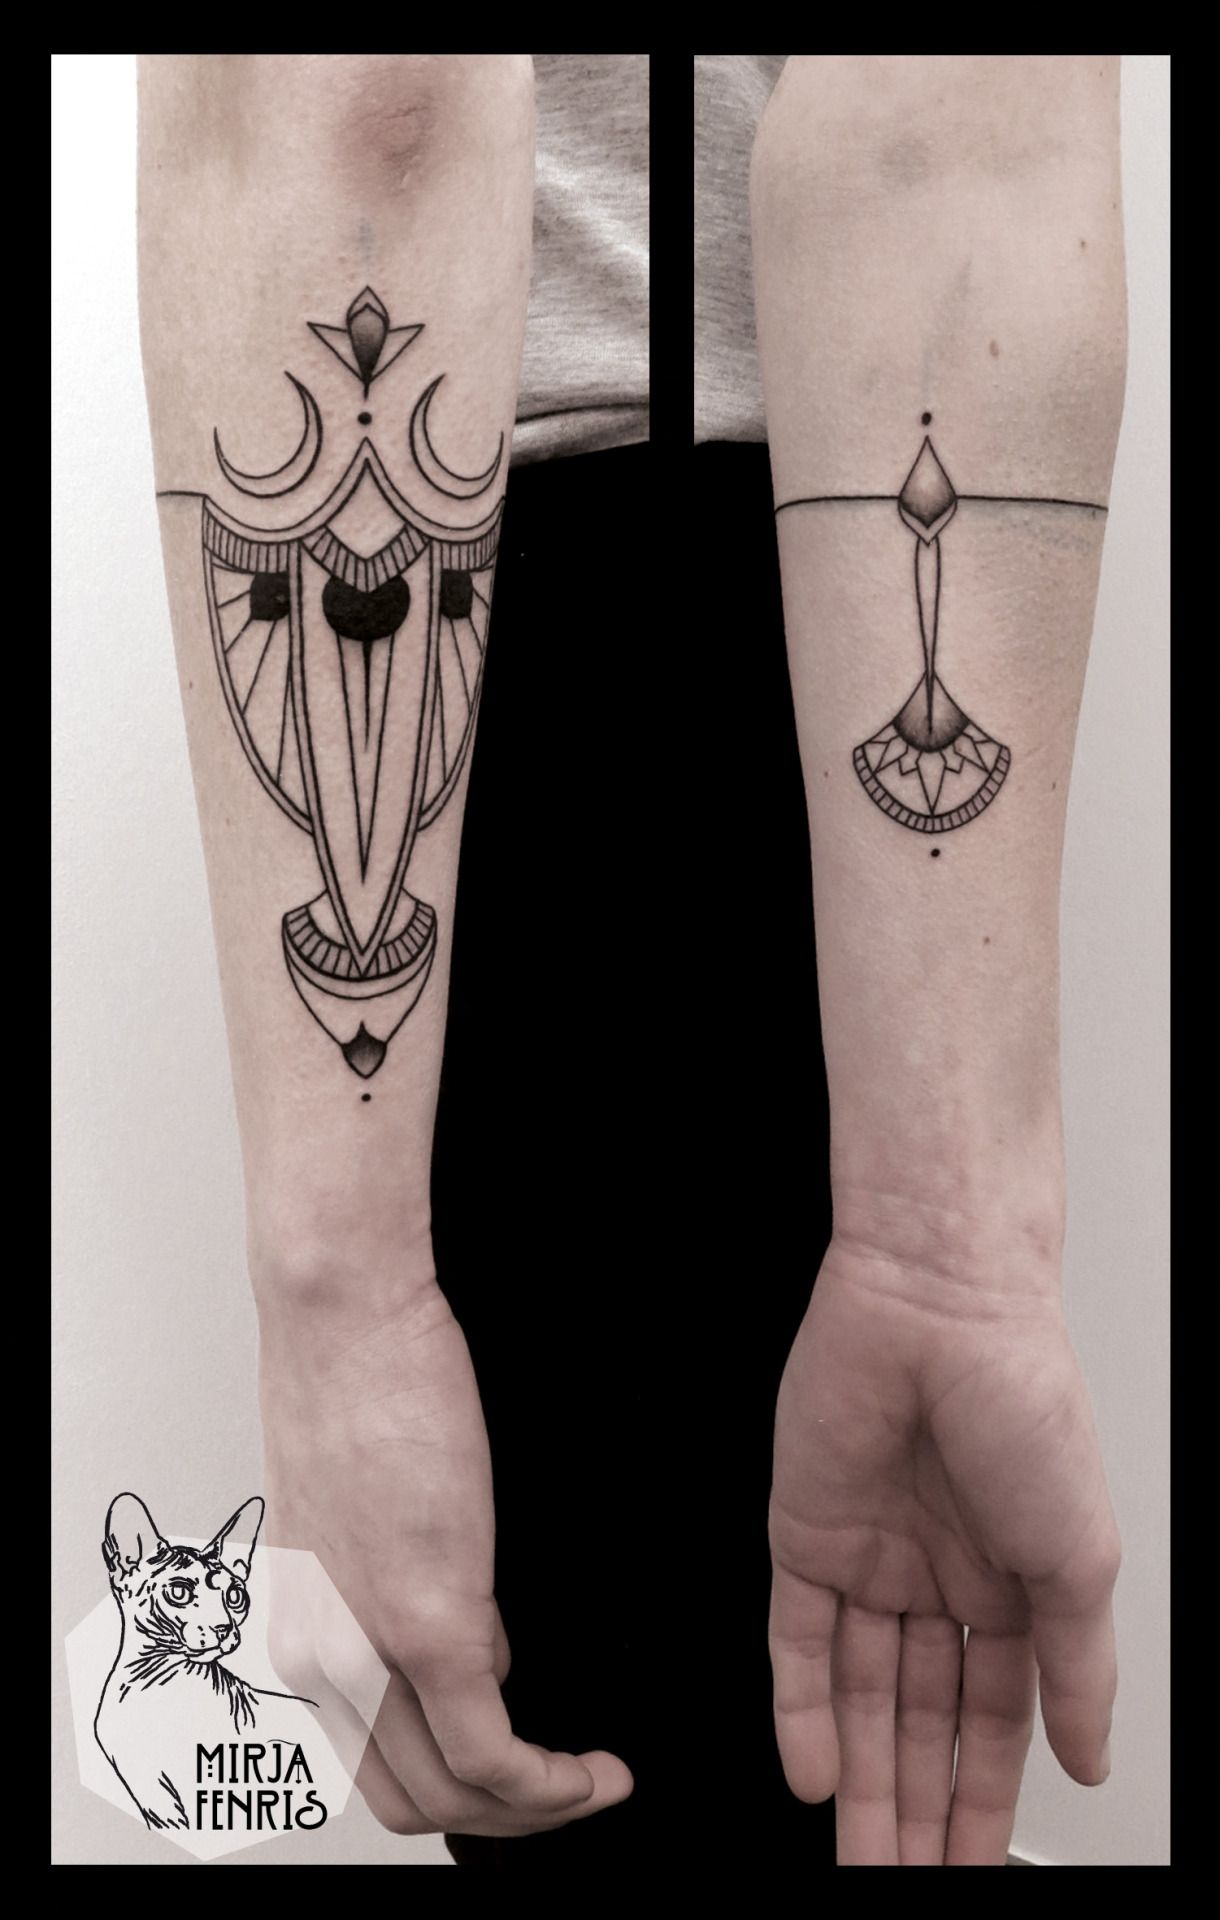 f32dd1aaa Mirja Fenris Tattoo : Foto Dot Work Tattoo, Piercing Tattoo, Piercings, Tattoo  Studio